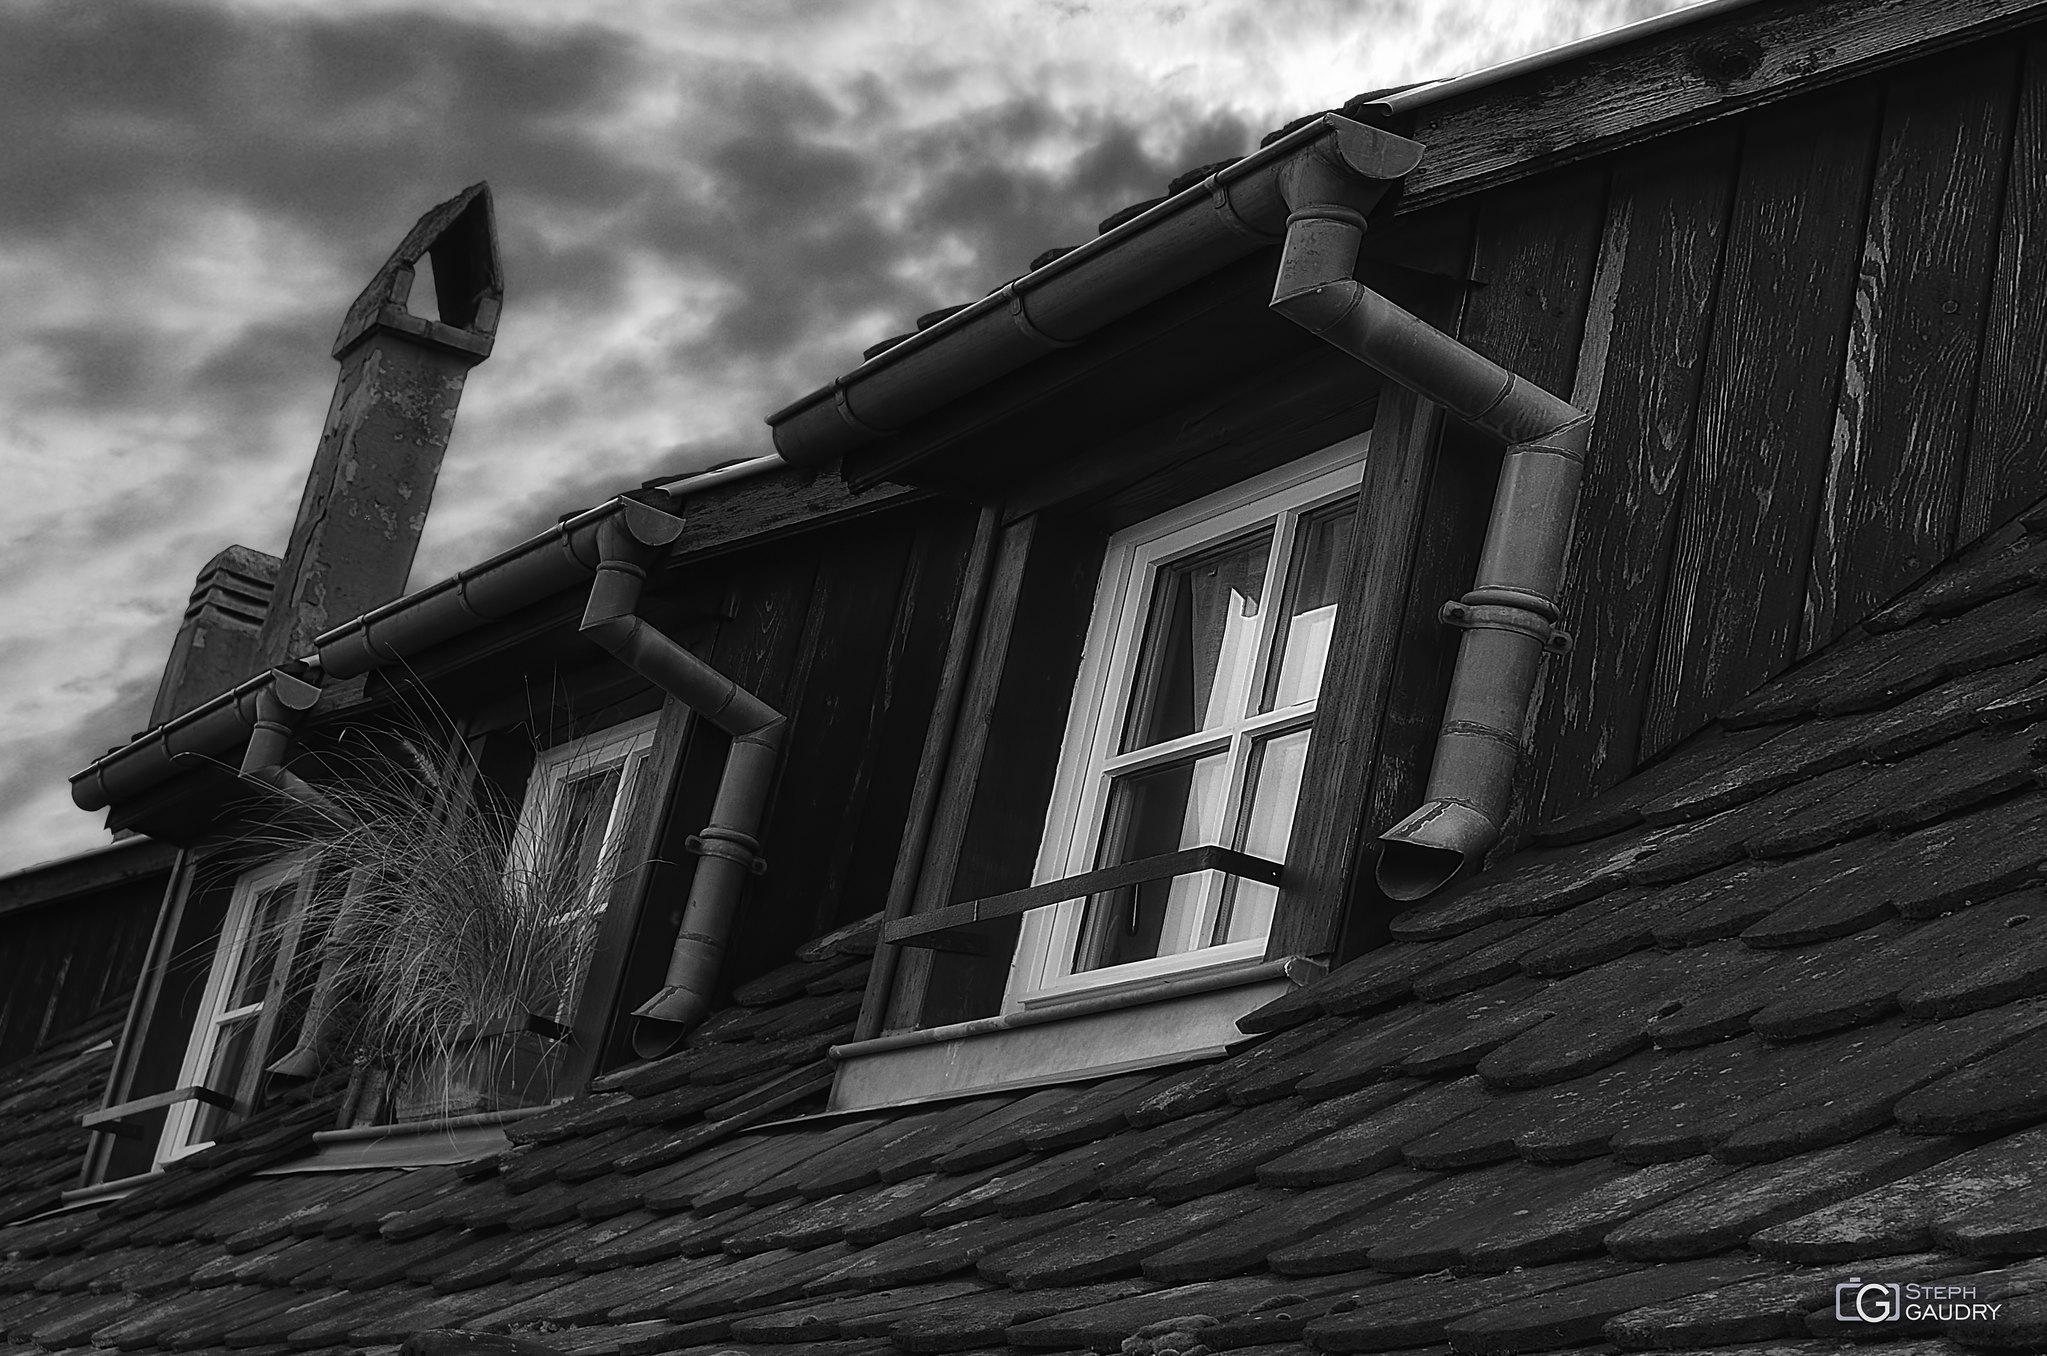 Lucarnes et tuiles en queue de castor - Alsace [Cliquez pour lancer le diaporama]